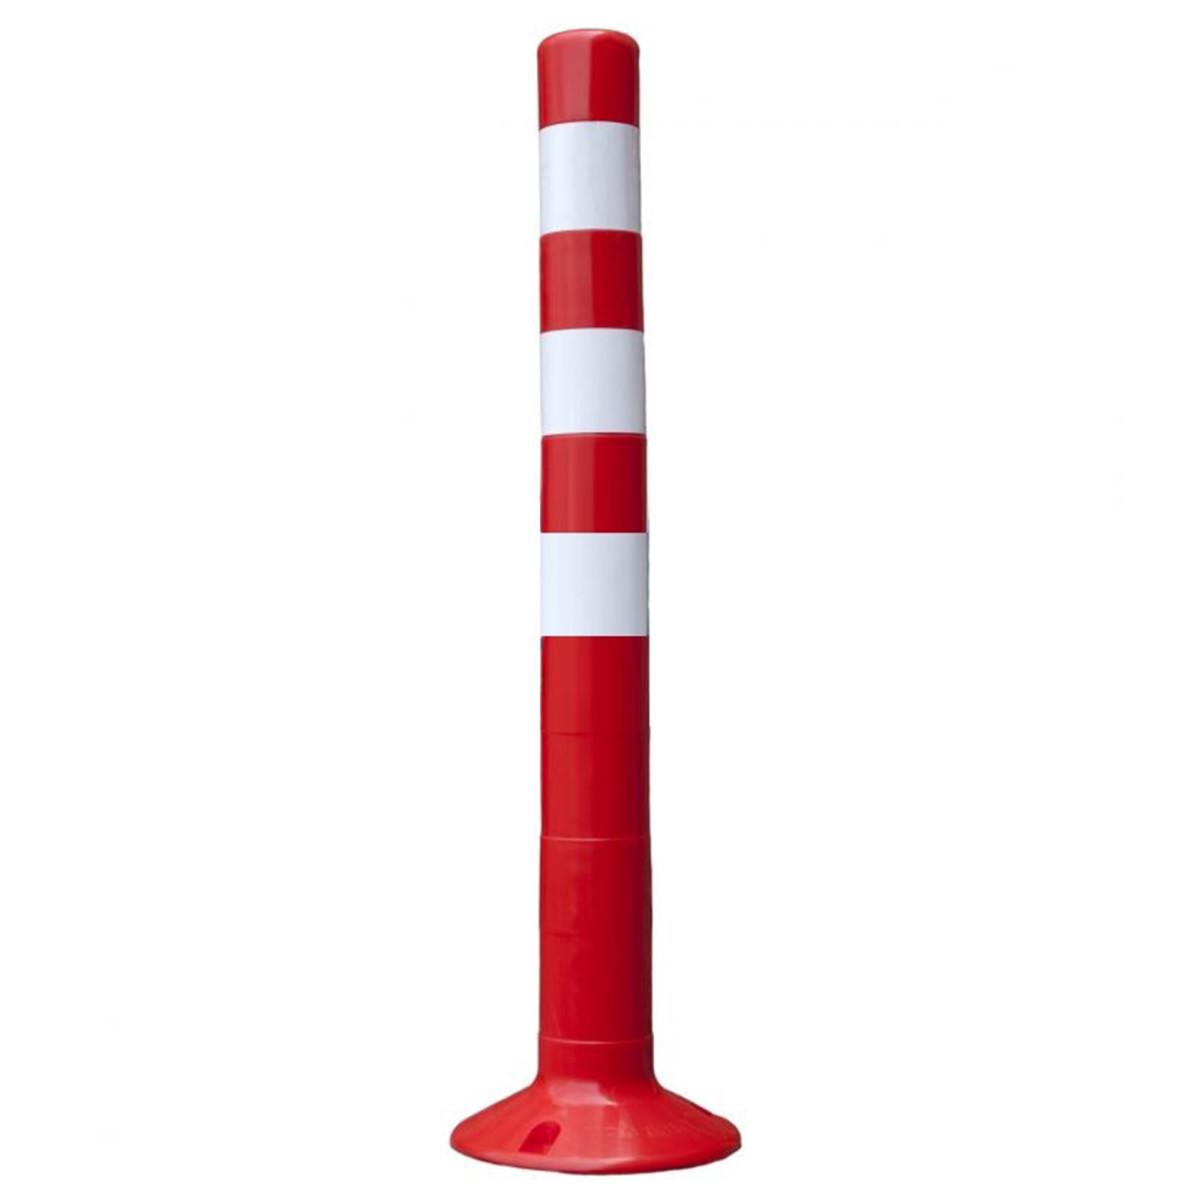 Парковочный столбик гибкий 75 см цвет красный/белый